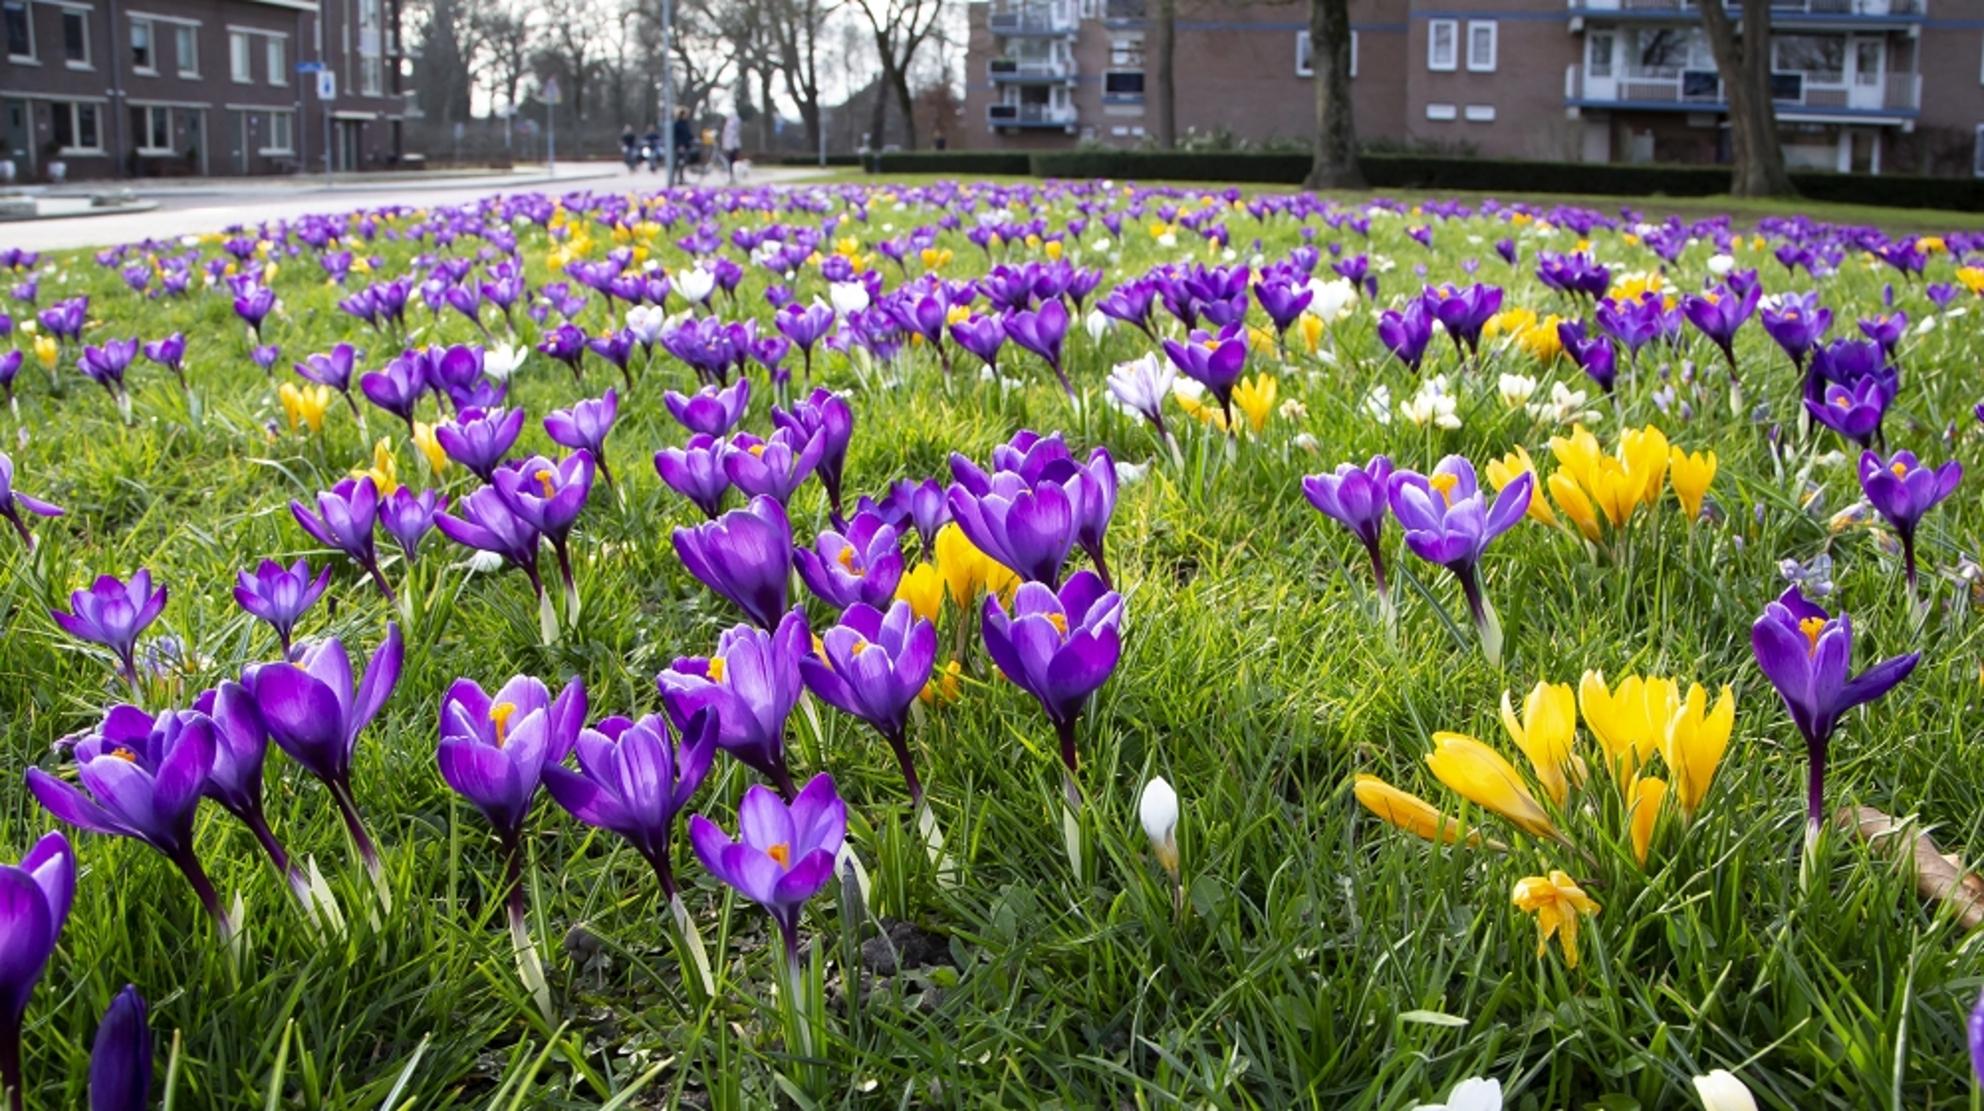 veldje met krokussen - Op een grasveldje  bloeien een massa krokussen - foto door aloyss op 27-02-2021 - deze foto bevat: lente - Deze foto mag gebruikt worden in een Zoom.nl publicatie